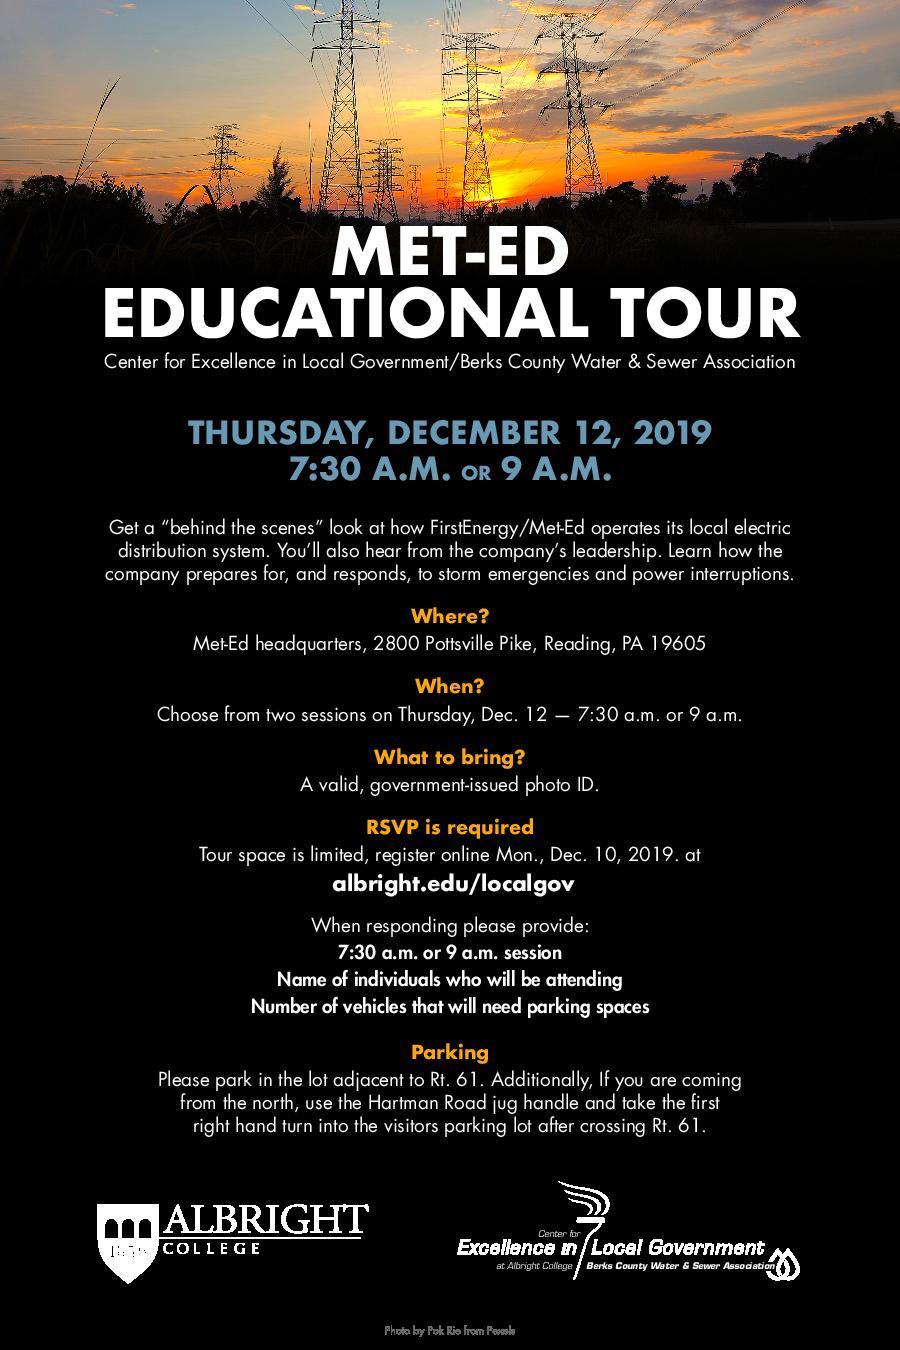 Met-Ed Educational Tour 2019